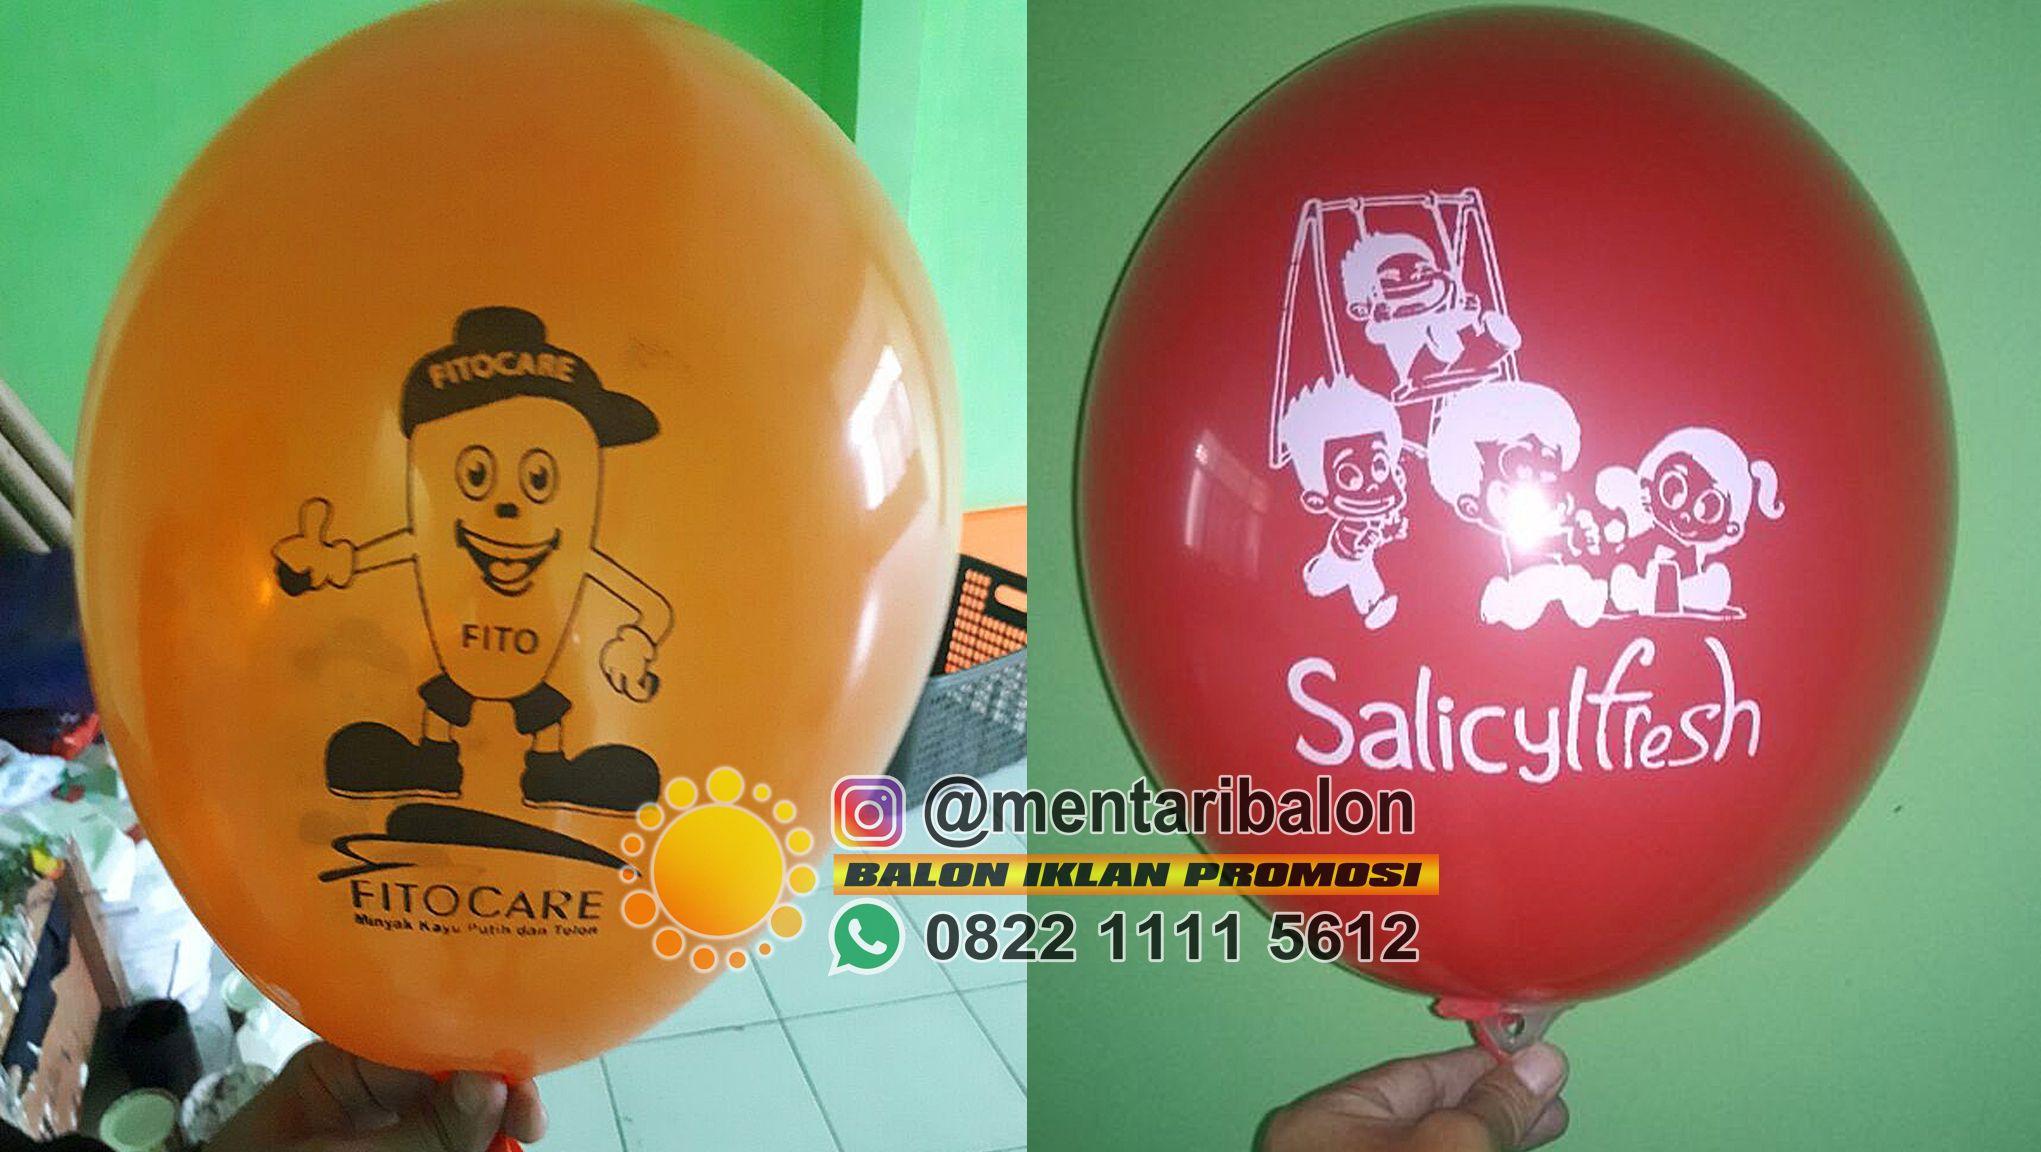 balon sablon kimia farma